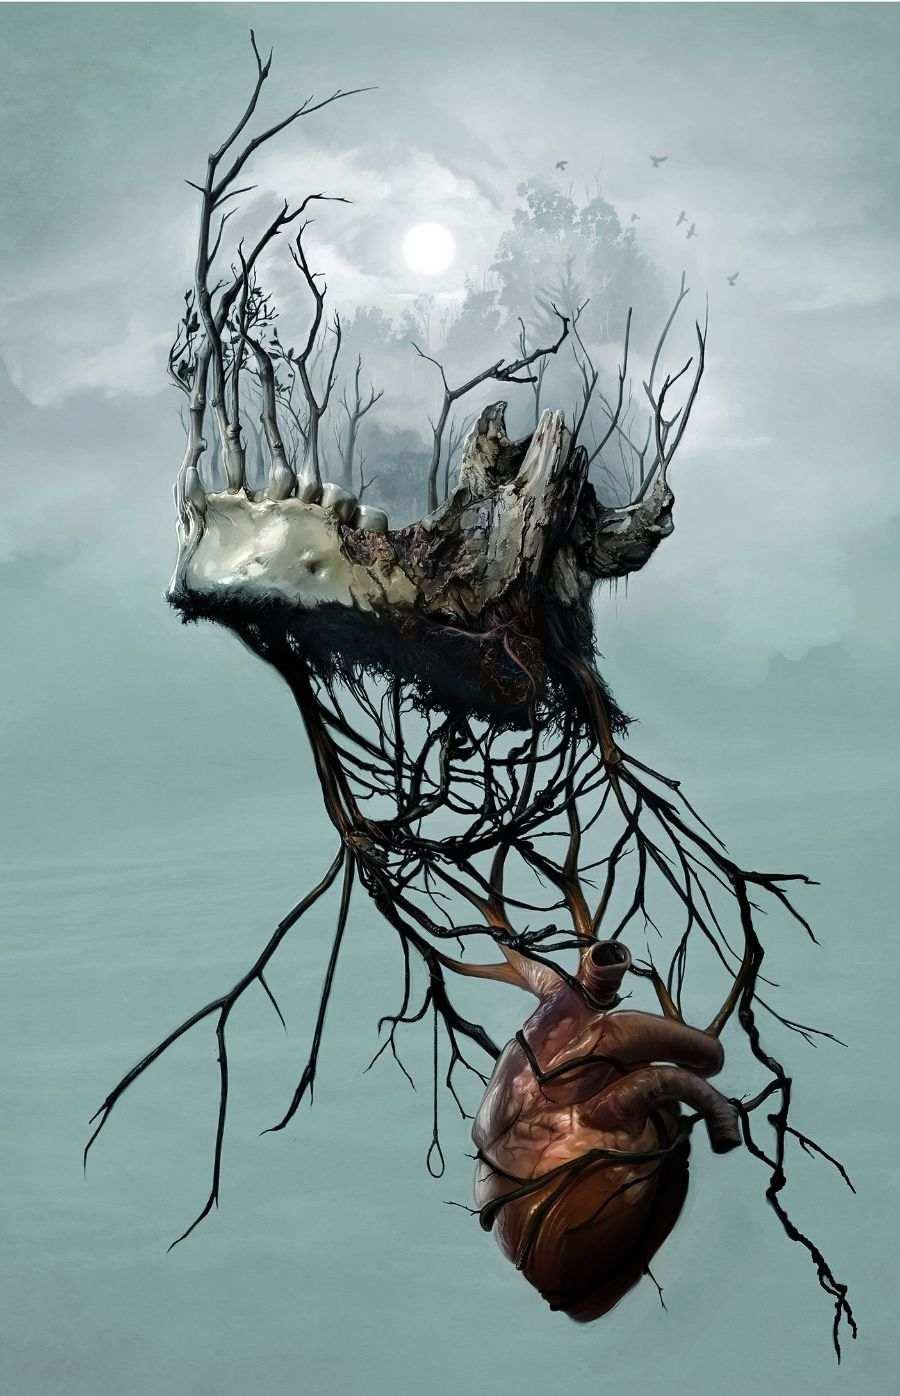 David Seidman Digital Painting Tree Roots Skull Fog Heart